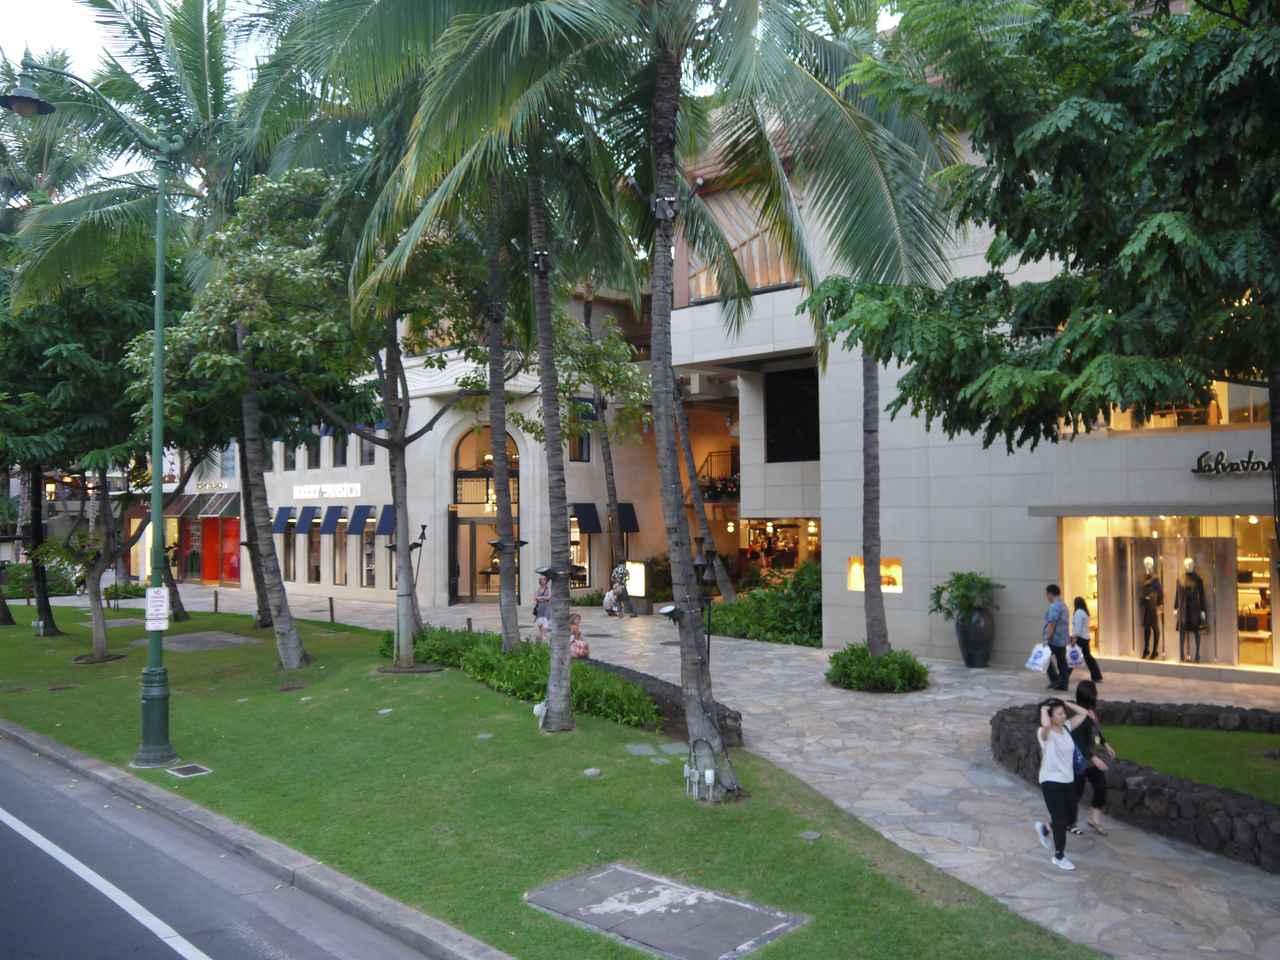 画像: 王室に残されたワイキキの土地 カラカウア通りの顔・ロイヤル・ハワイアン・センター 現在も王家の財産を相続したパウアヒが創設したビショップ財団が管理しています(撮影:YUKO)